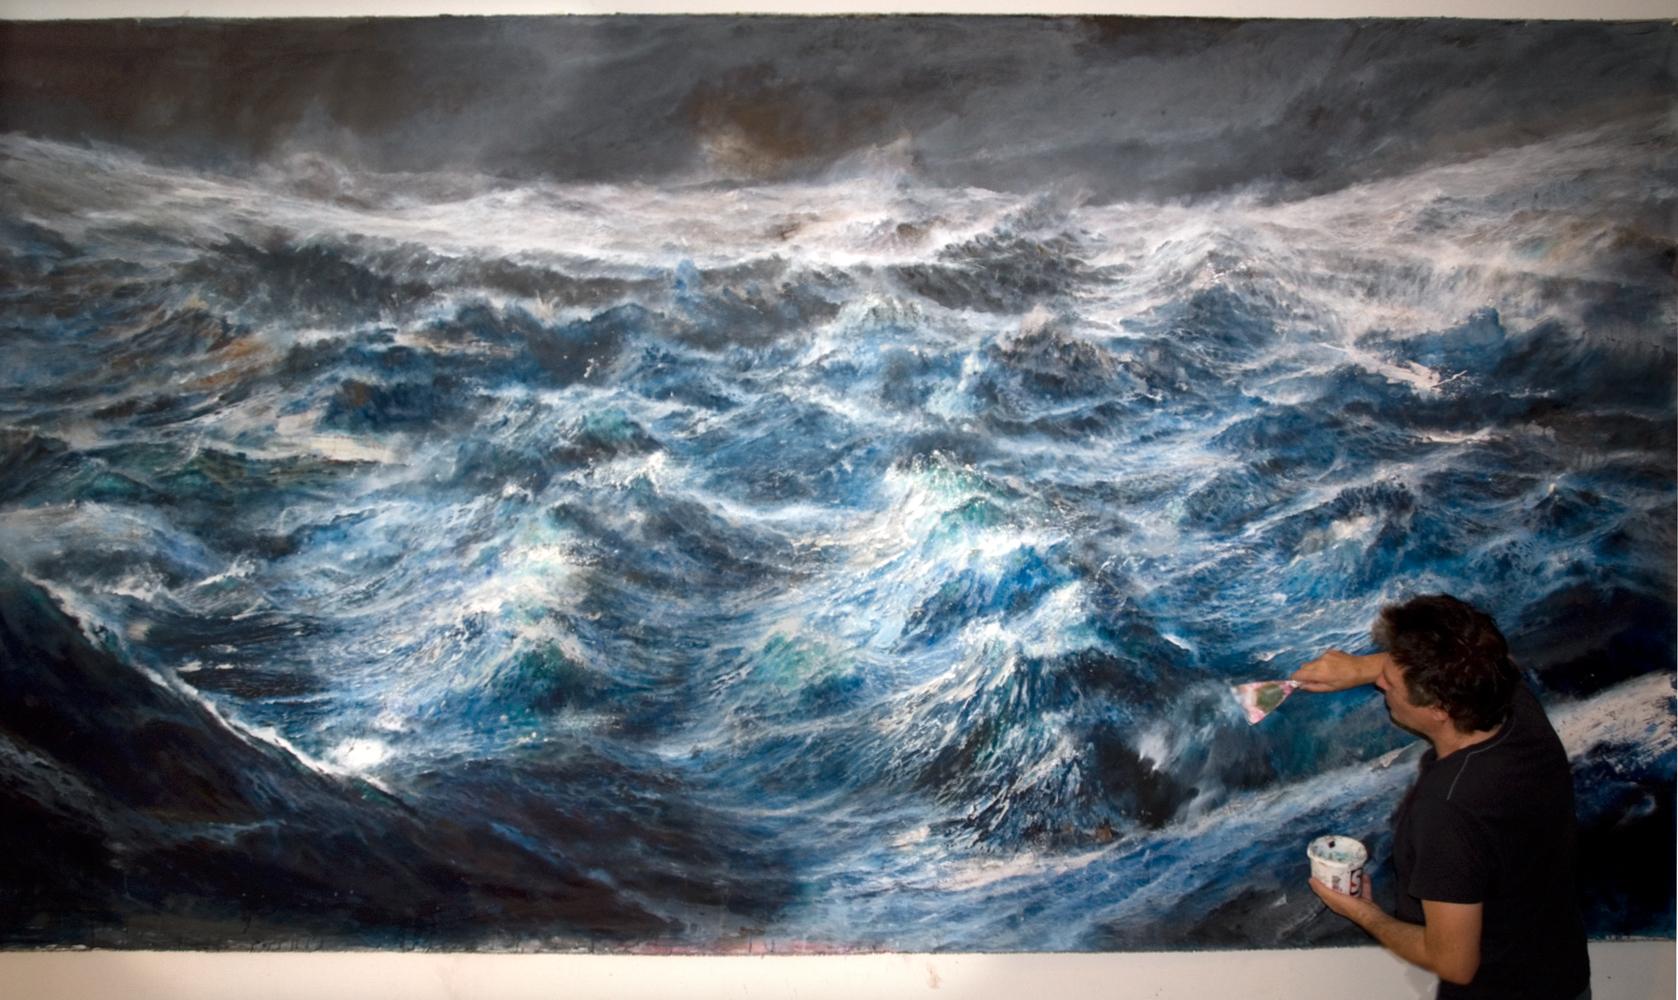 con autore.TEMPESTA SULL'OCEANO PRIMORDIALE. olio e acrilici su tela - cm 220 x 387, Fr, Santosuosso 2014